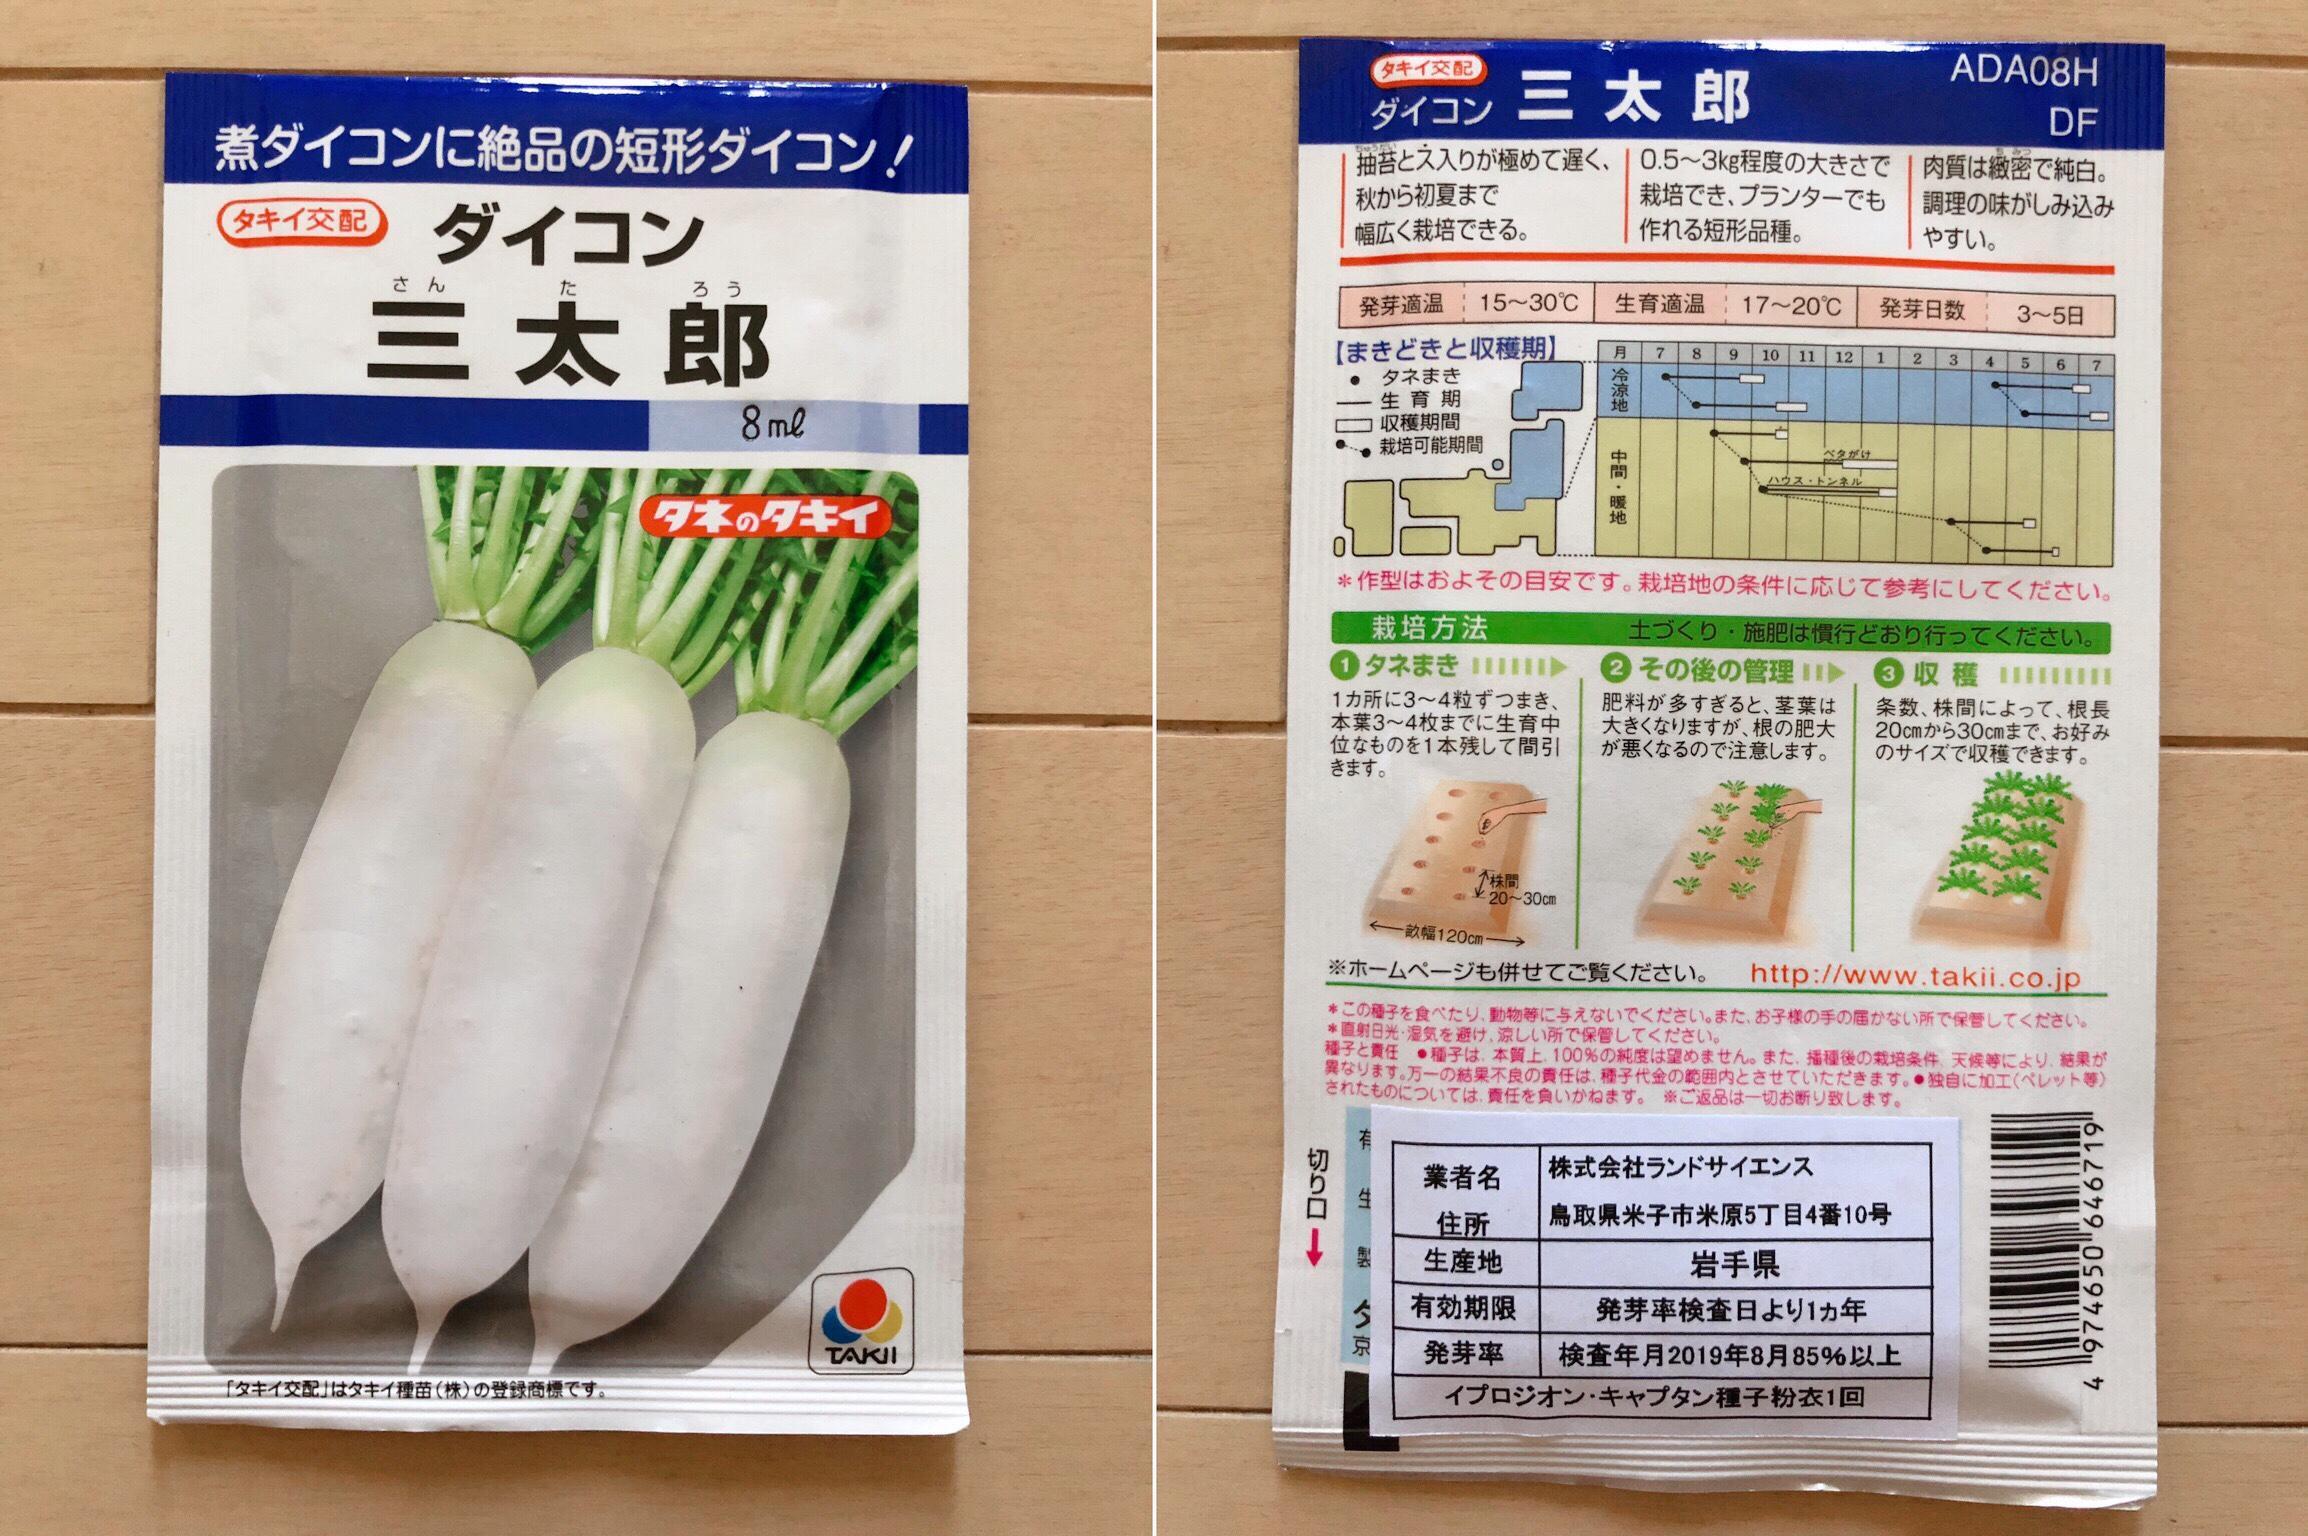 ダイコン、三太郎の種